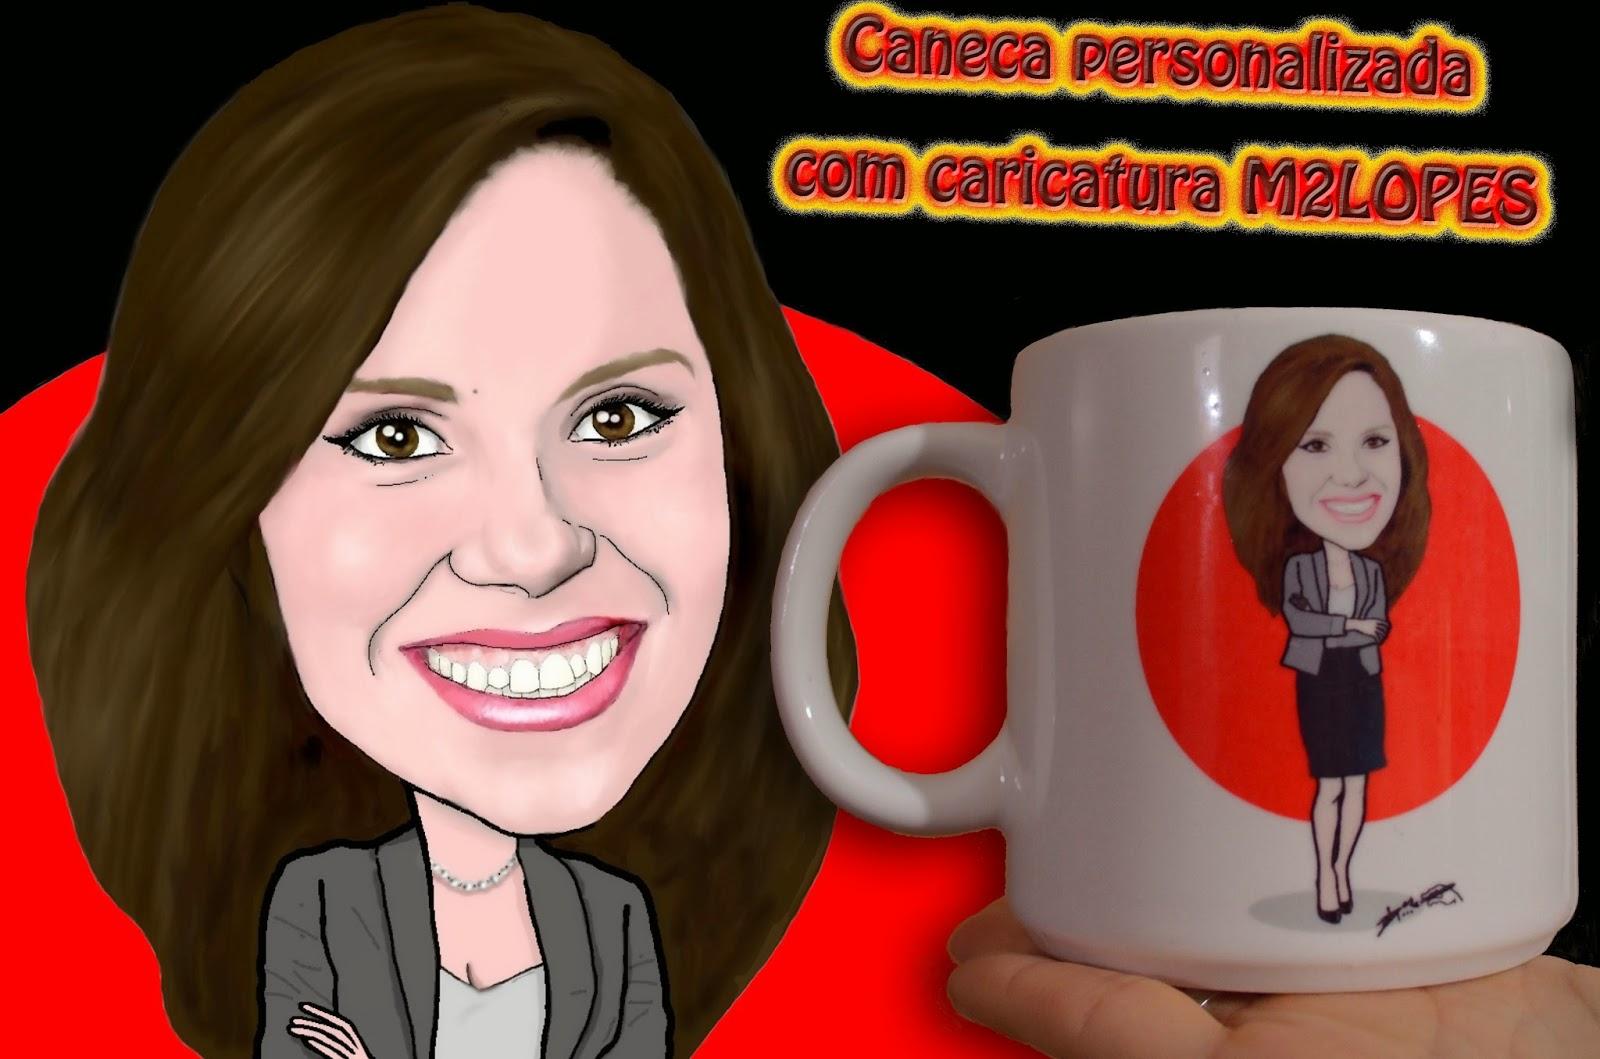 lembrancinhas personalizadas com caricatura M2LOPES